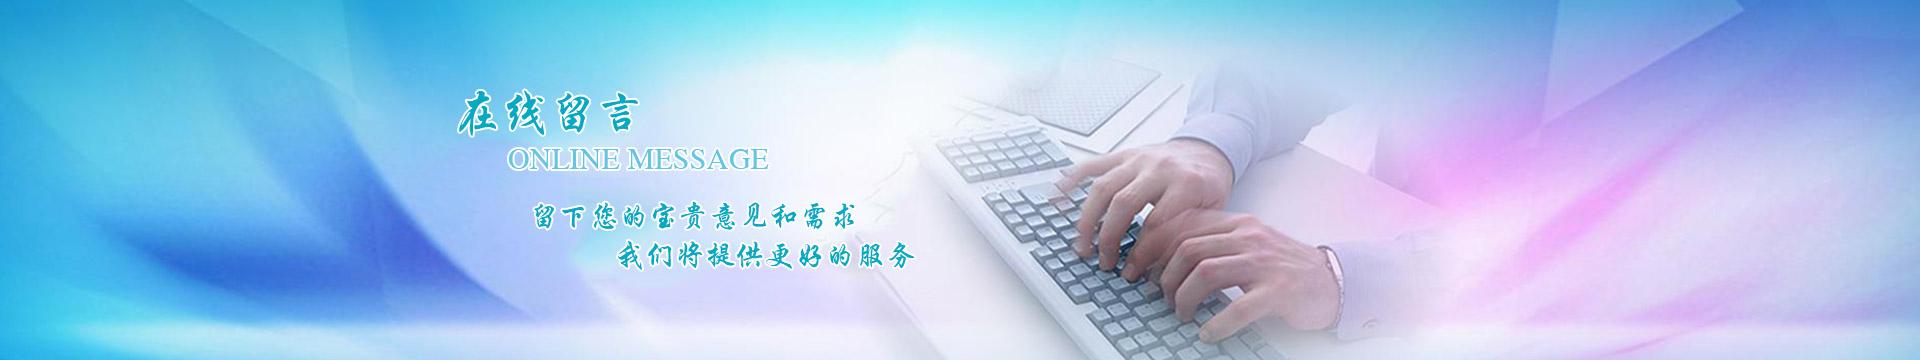 罗田板栗_在线留言banner